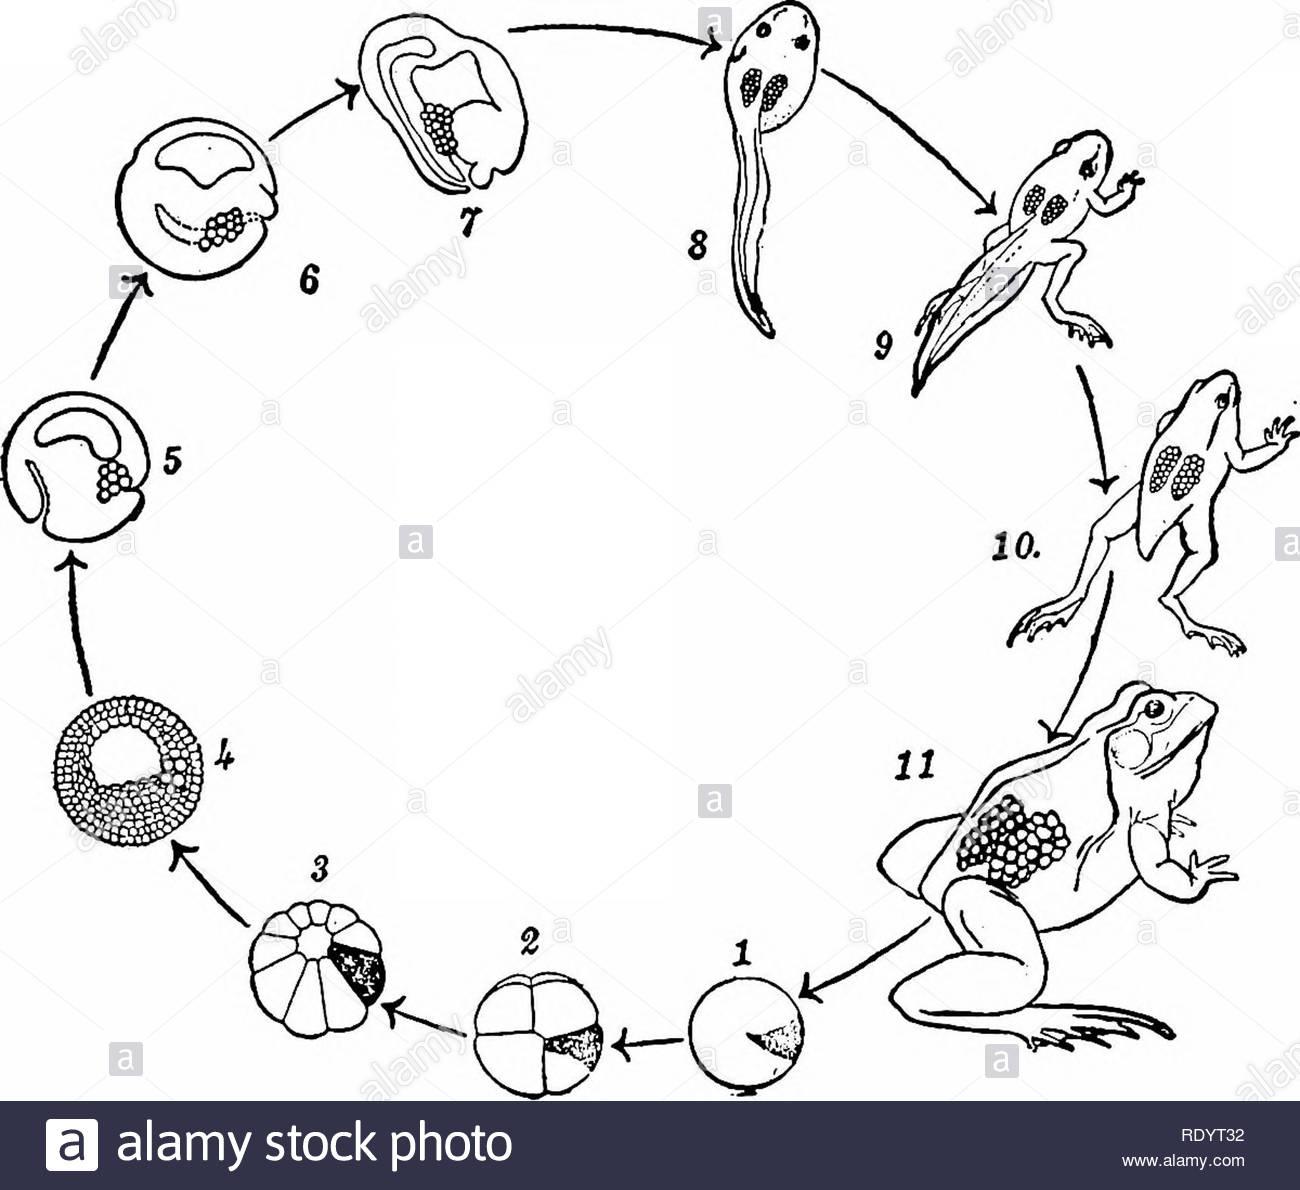 Principes De La Biologie Moderne. La Biologie. L'hérédité destiné Le Cycle De Vie De La Grenouille